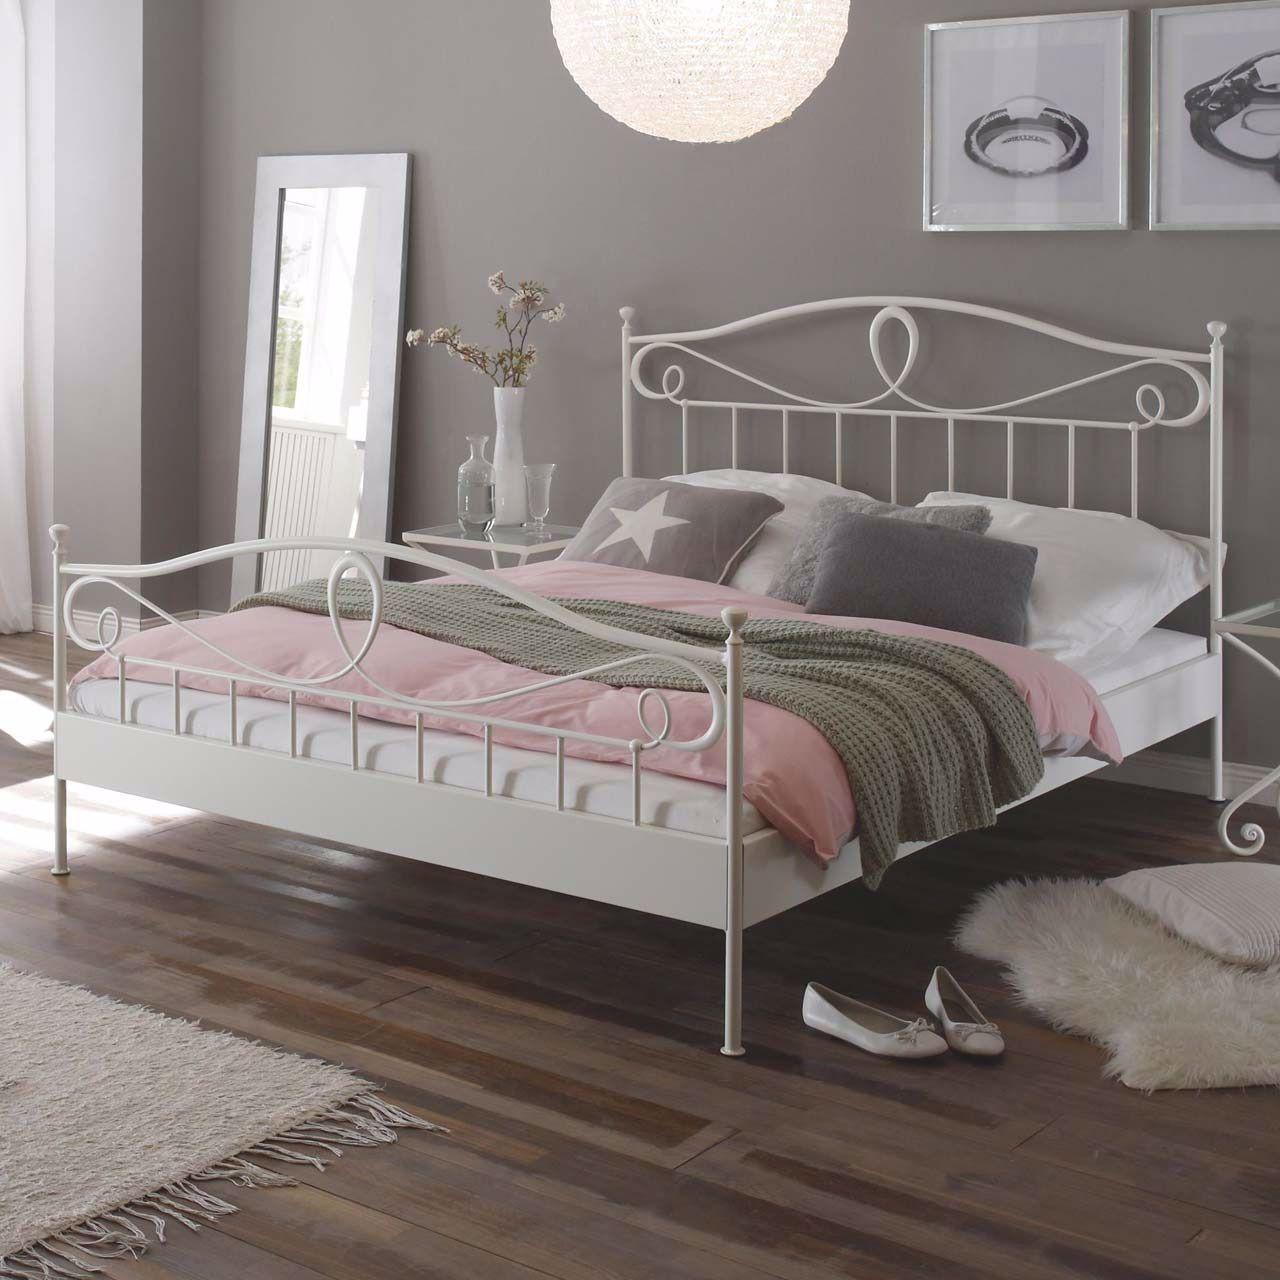 Das Hasena Bett aus der Hasena Romantic Linie überzeugt in